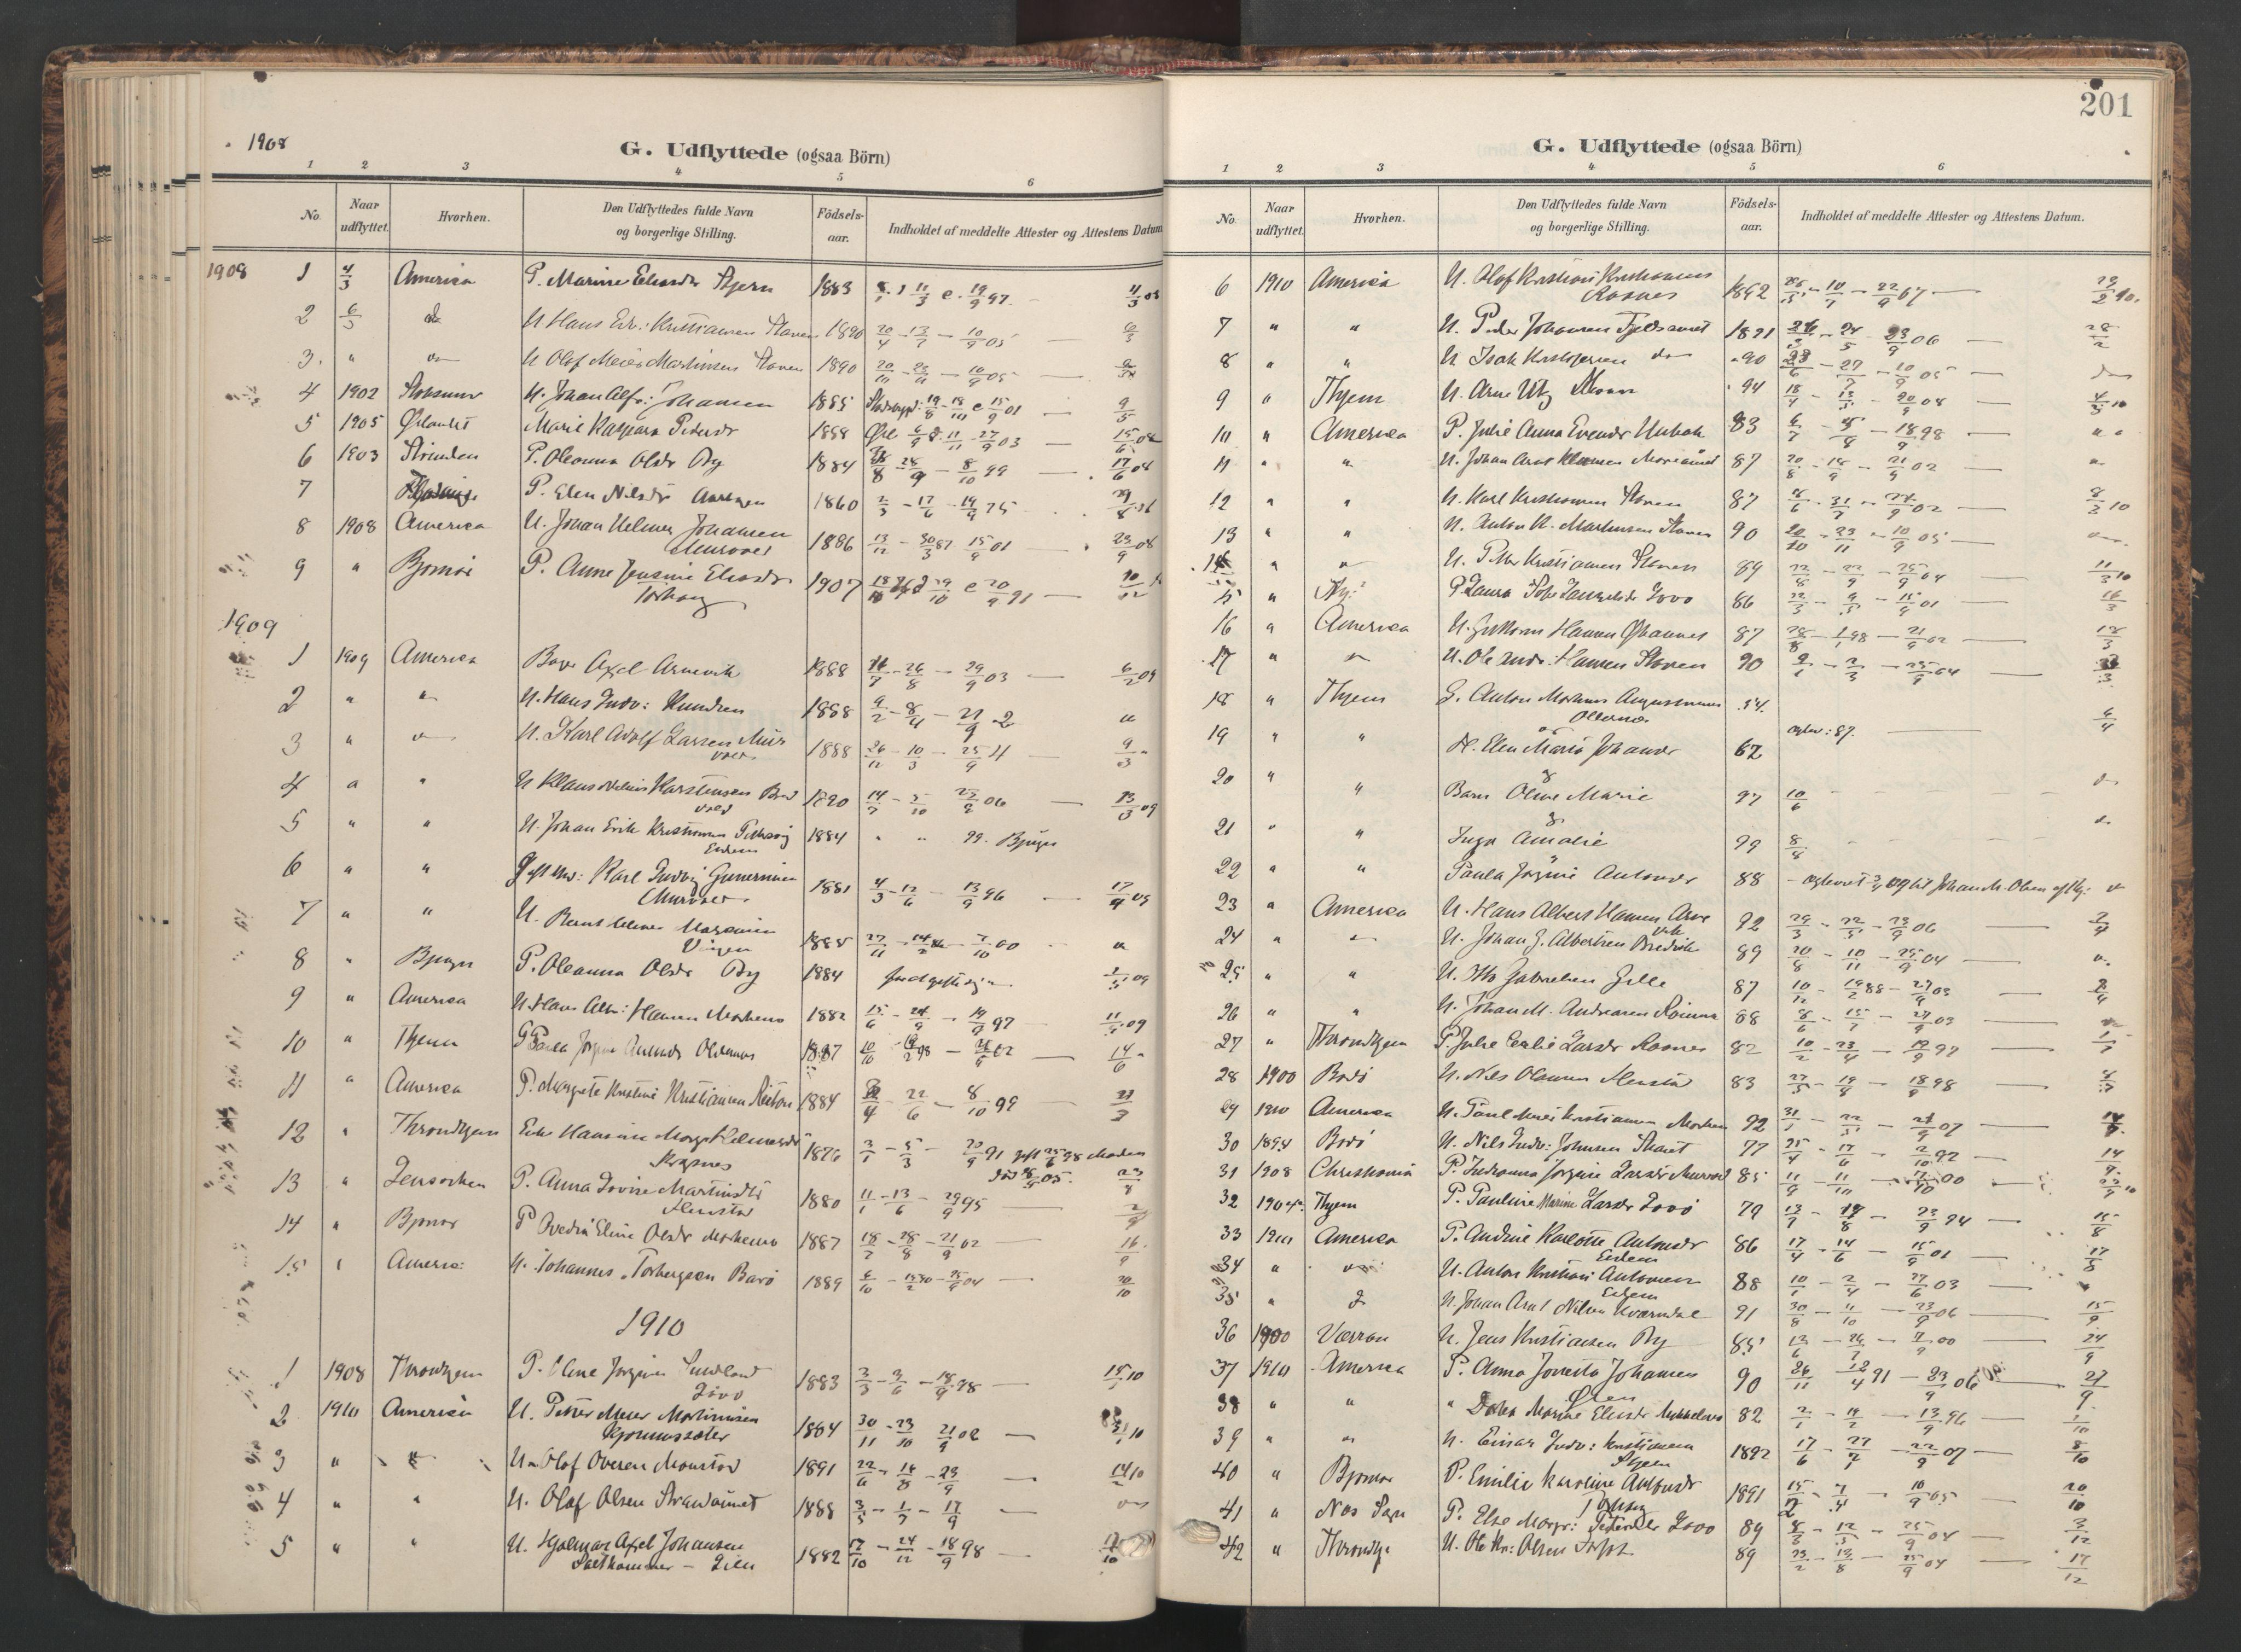 SAT, Ministerialprotokoller, klokkerbøker og fødselsregistre - Sør-Trøndelag, 655/L0682: Ministerialbok nr. 655A11, 1908-1922, s. 201